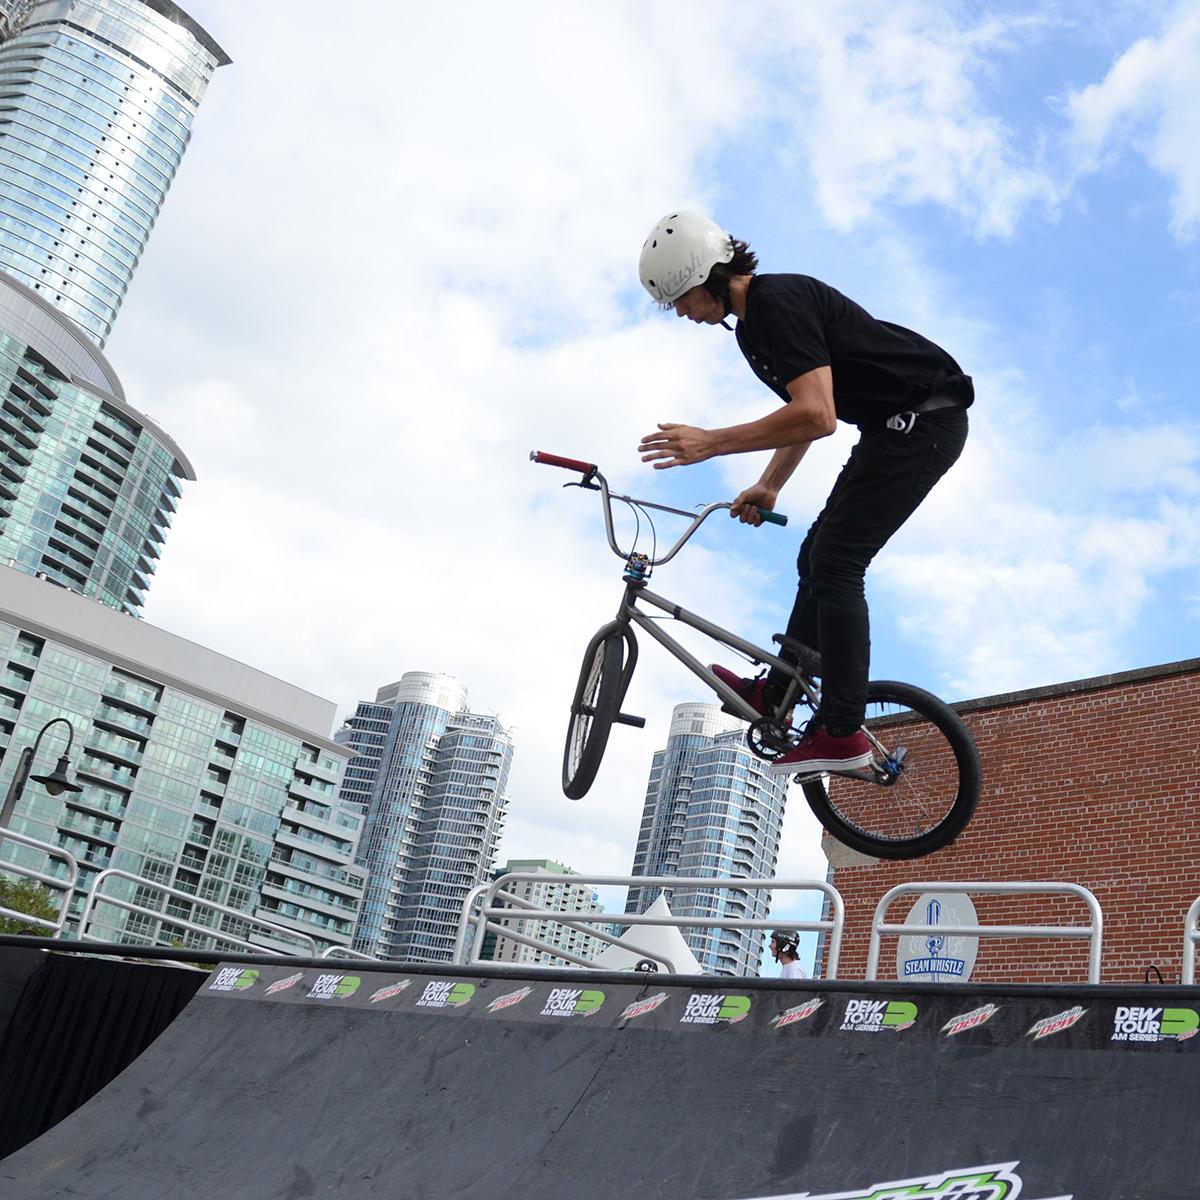 Joel Bondu 540 bar to footjam to bar in at BMX Dew Tour Am Series in Toronto